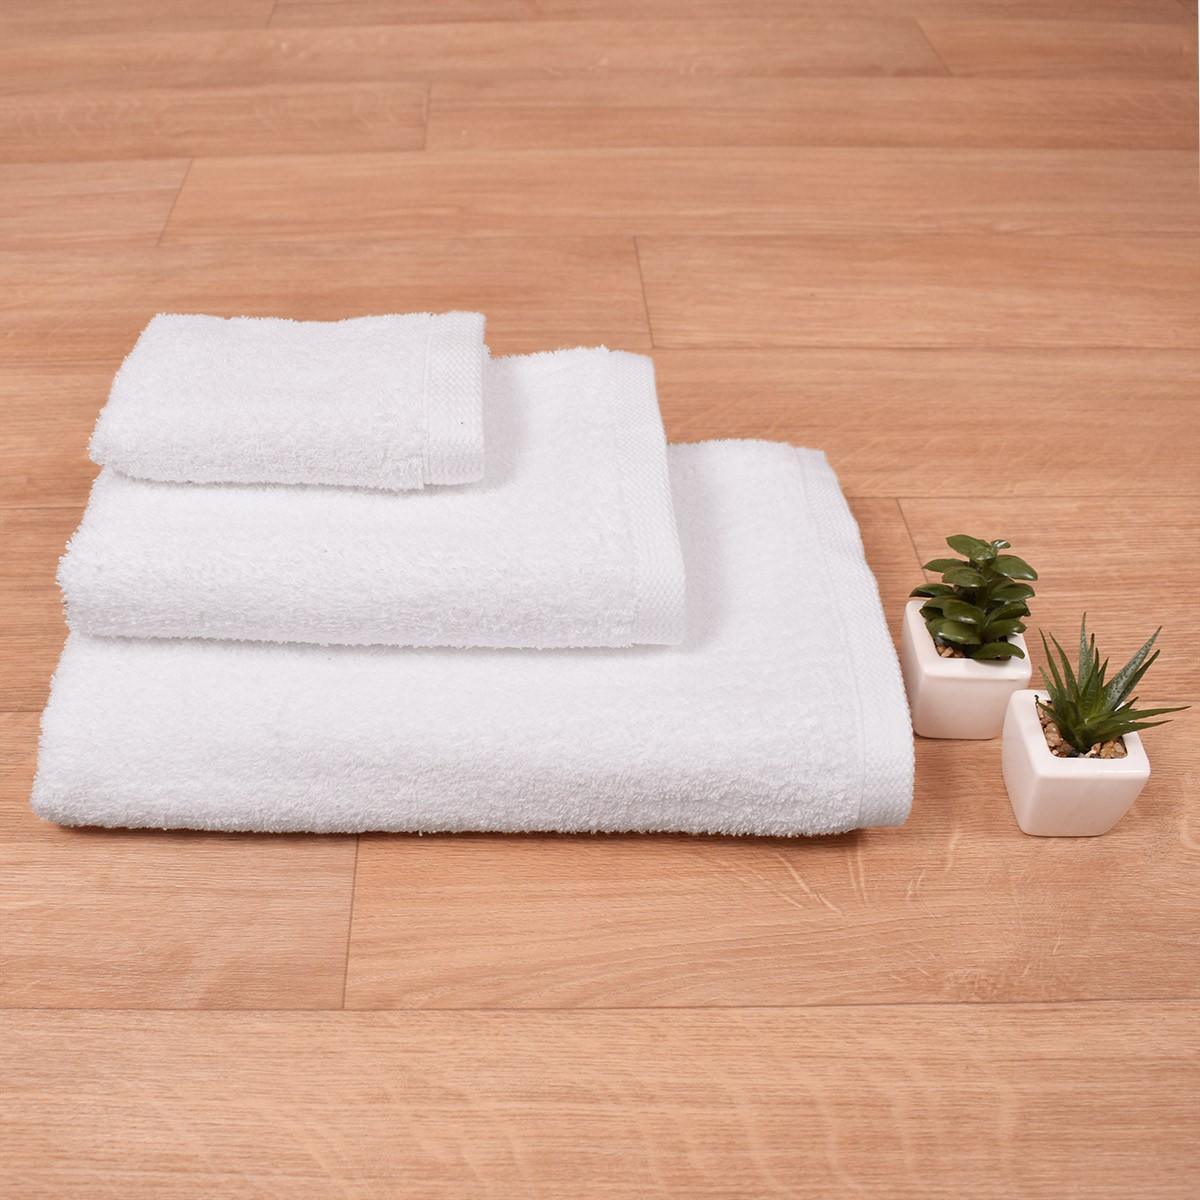 Πετσέτα Σώματος Λευκή (80x150) Siva 550gr/m2 home   επαγγελματικός εξοπλισμός   ξενοδοχειακός εξοπλισμός   πετσέτες ξενοδοχεί